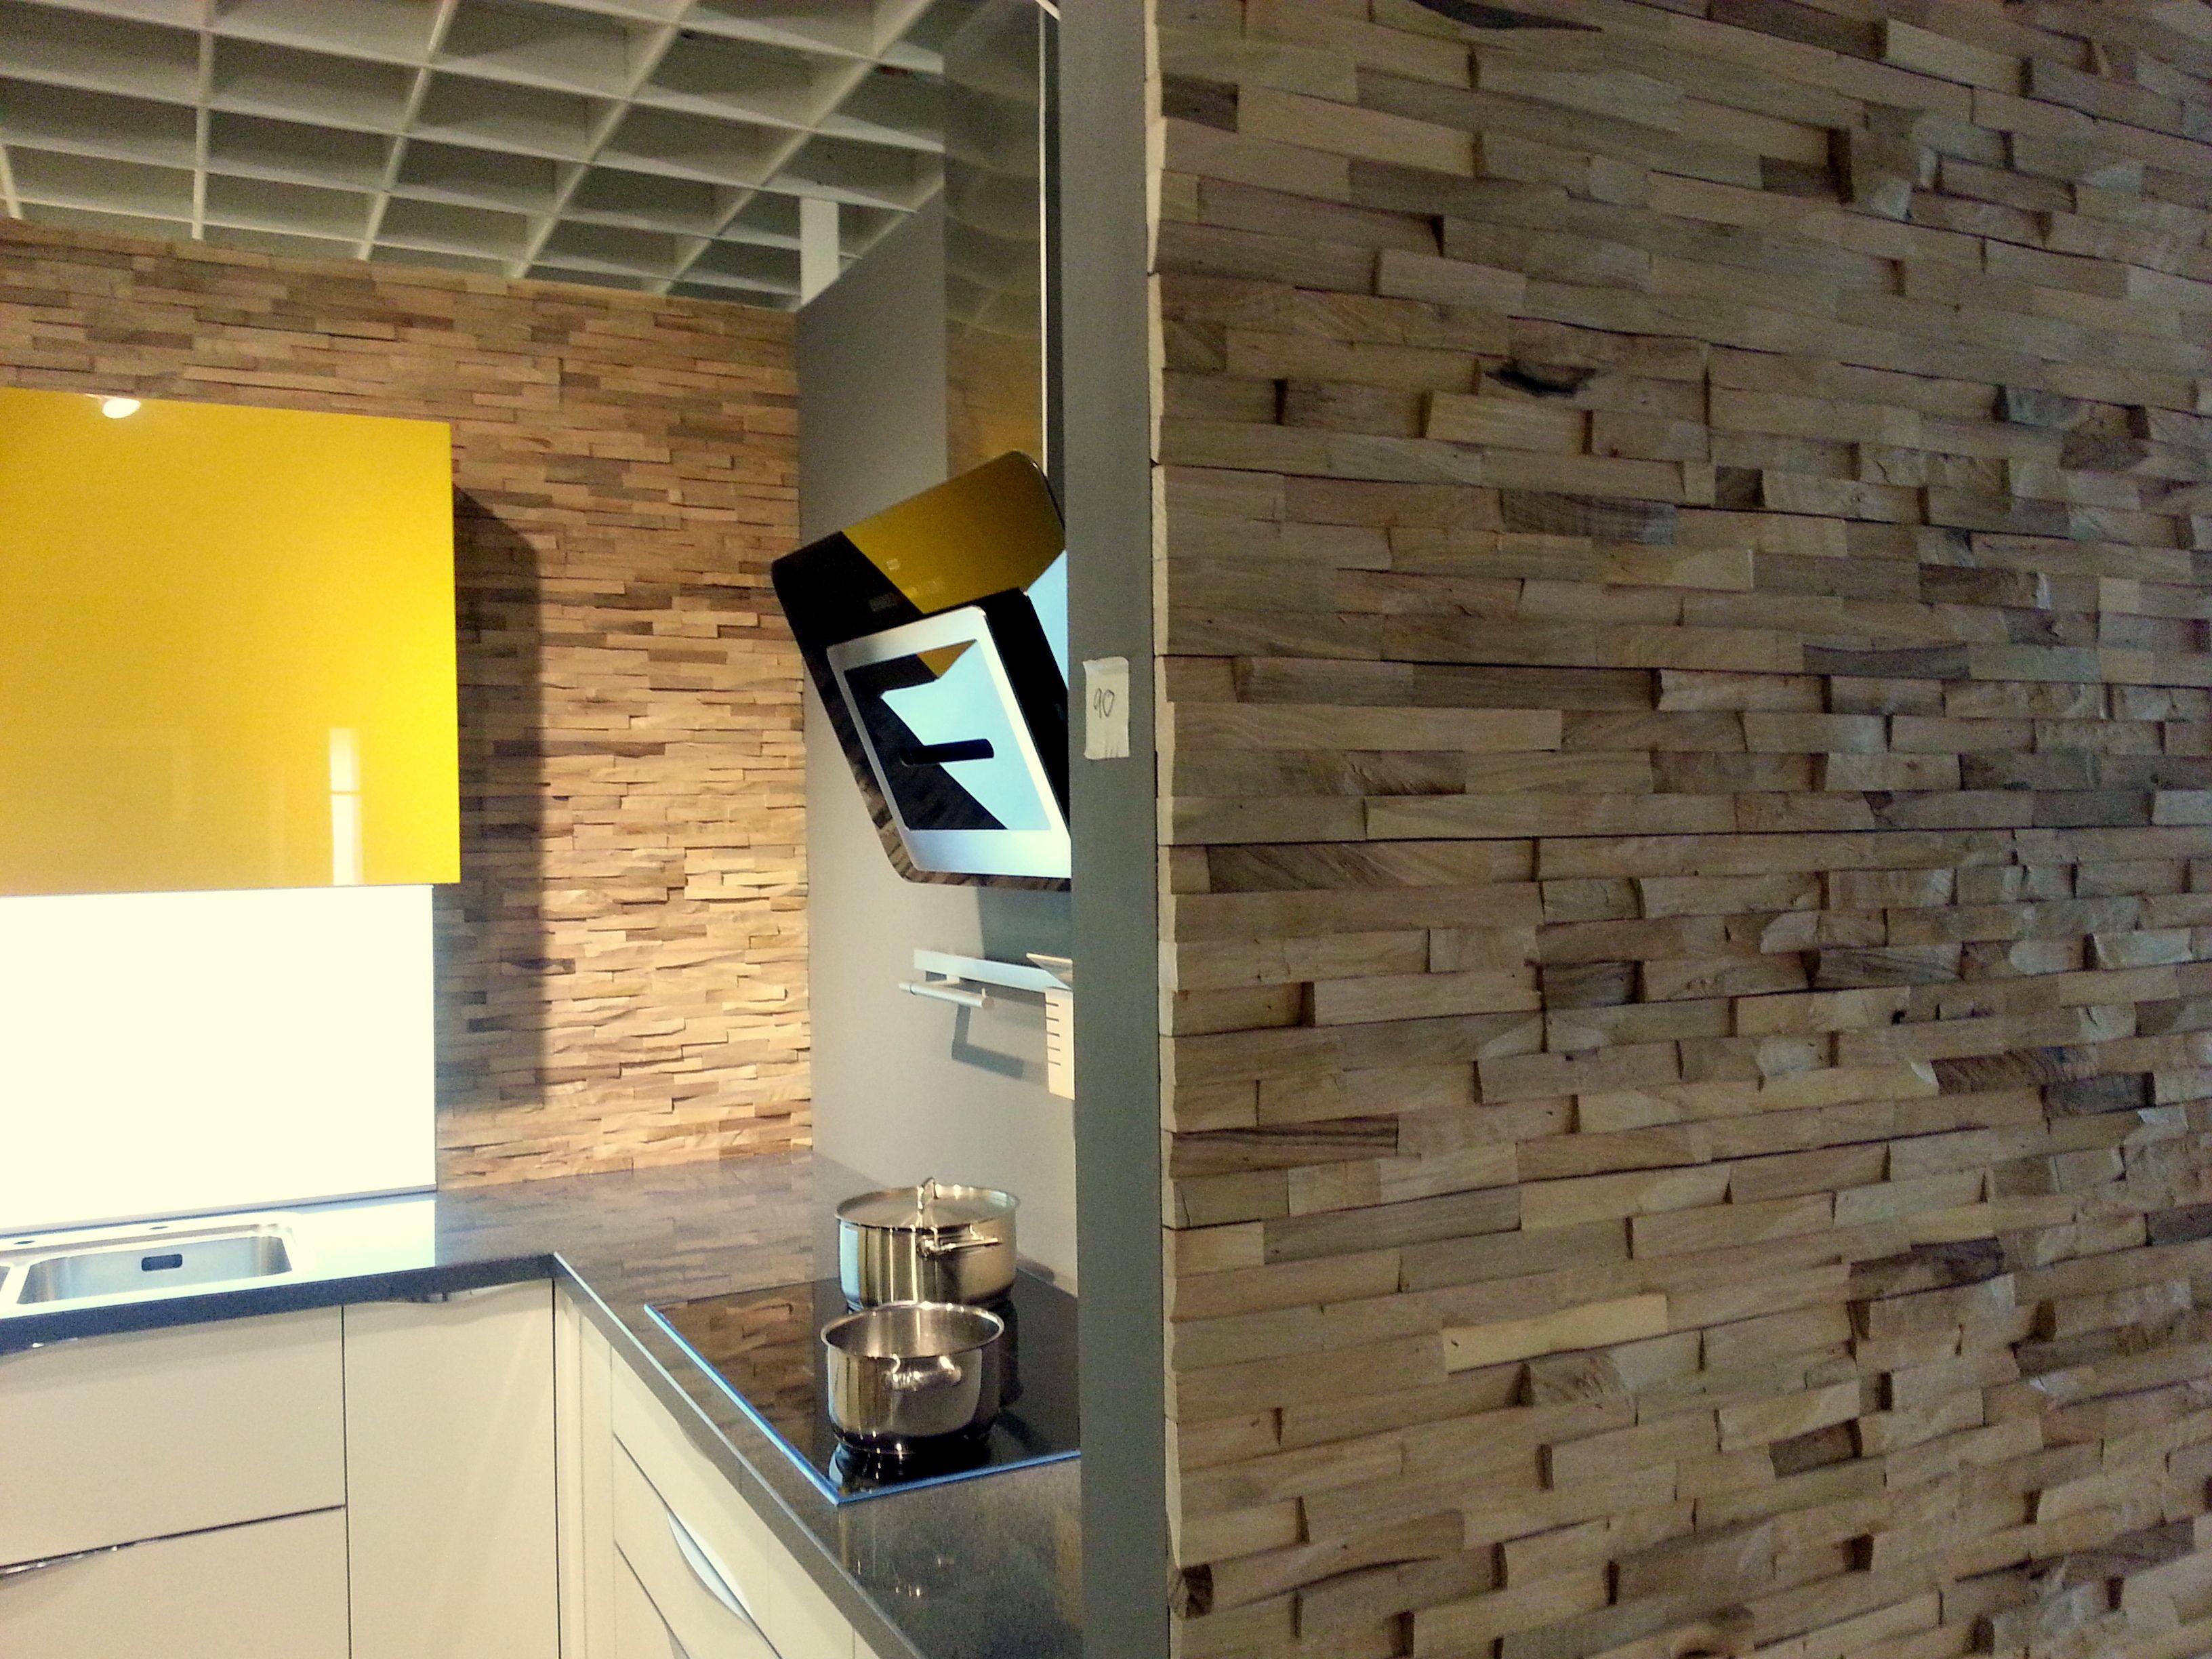 Inspiratie nodig voor het interieur van woonkamer slaapkamer eetkamer of hal geen zin in - Eetkamer deco ...